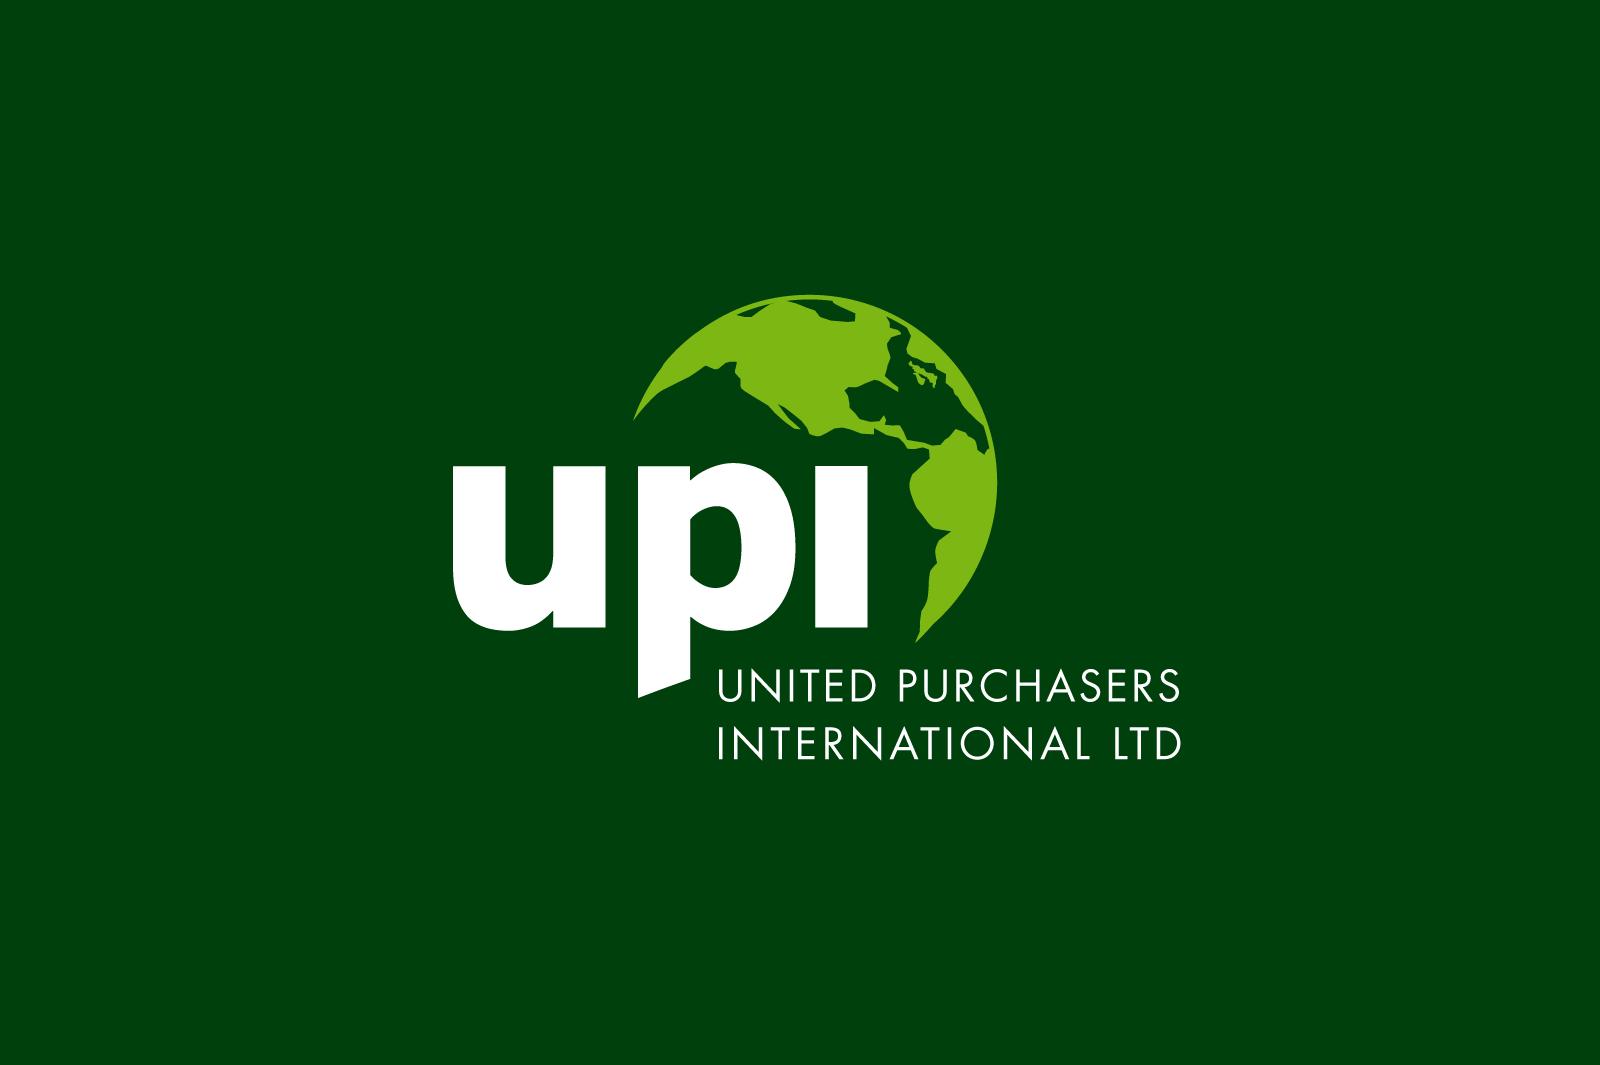 upi_02.png